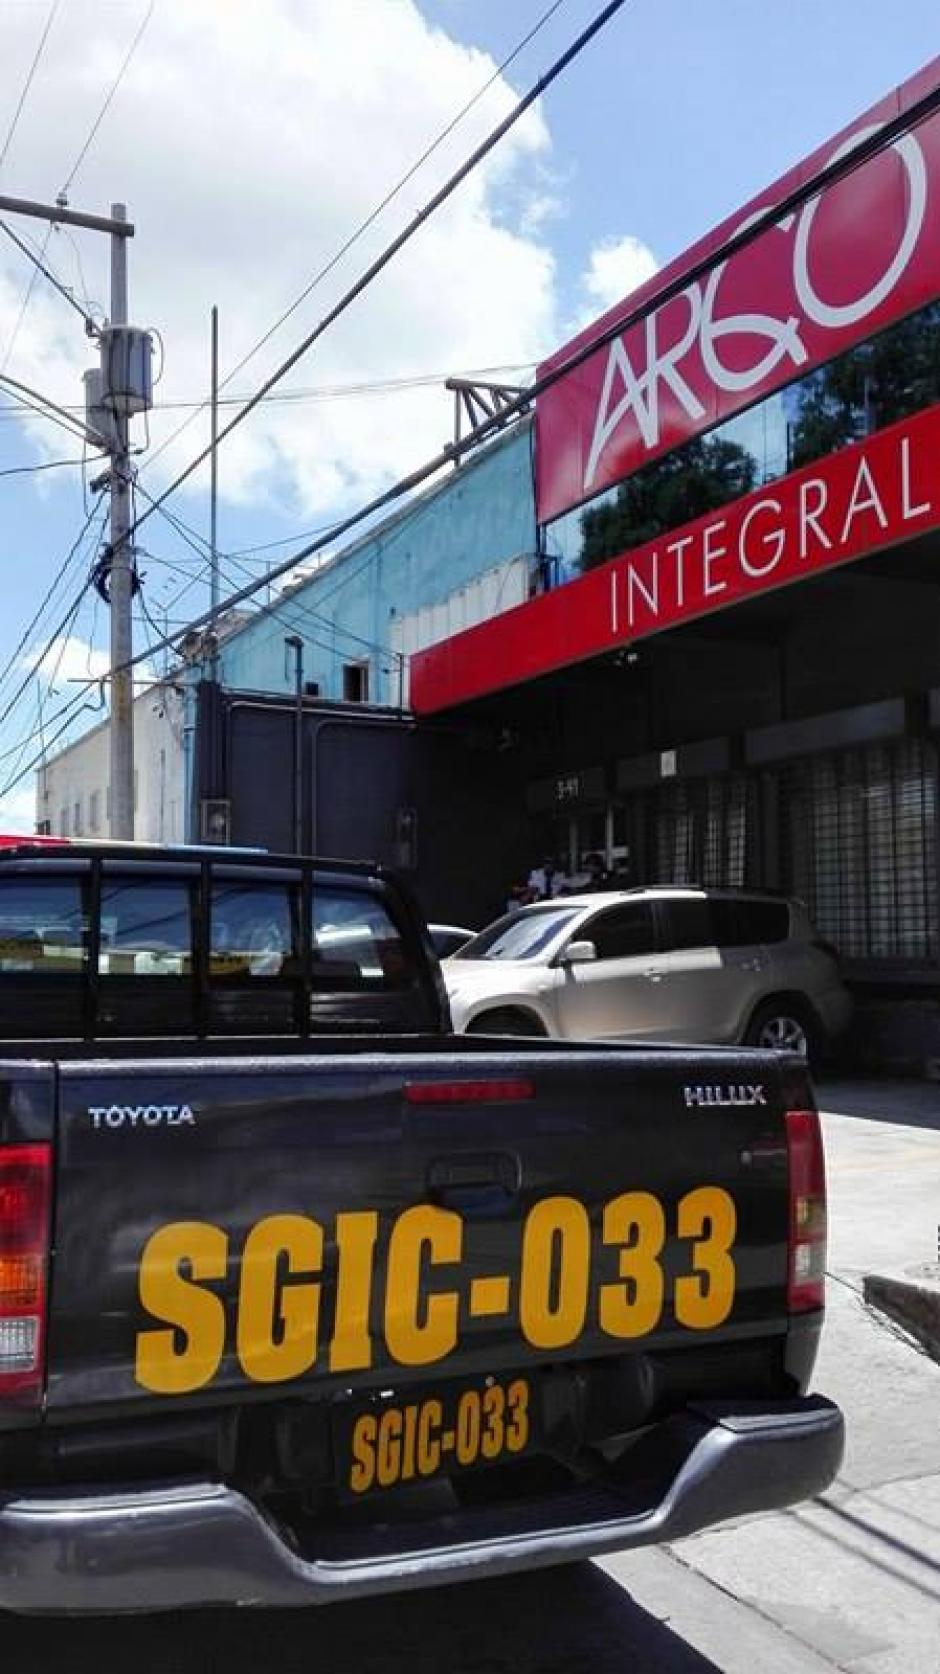 La empresa Arqco se dedica a la selección y reclutamiento de personal. (Foto: Marcia Zavala/Soy502)